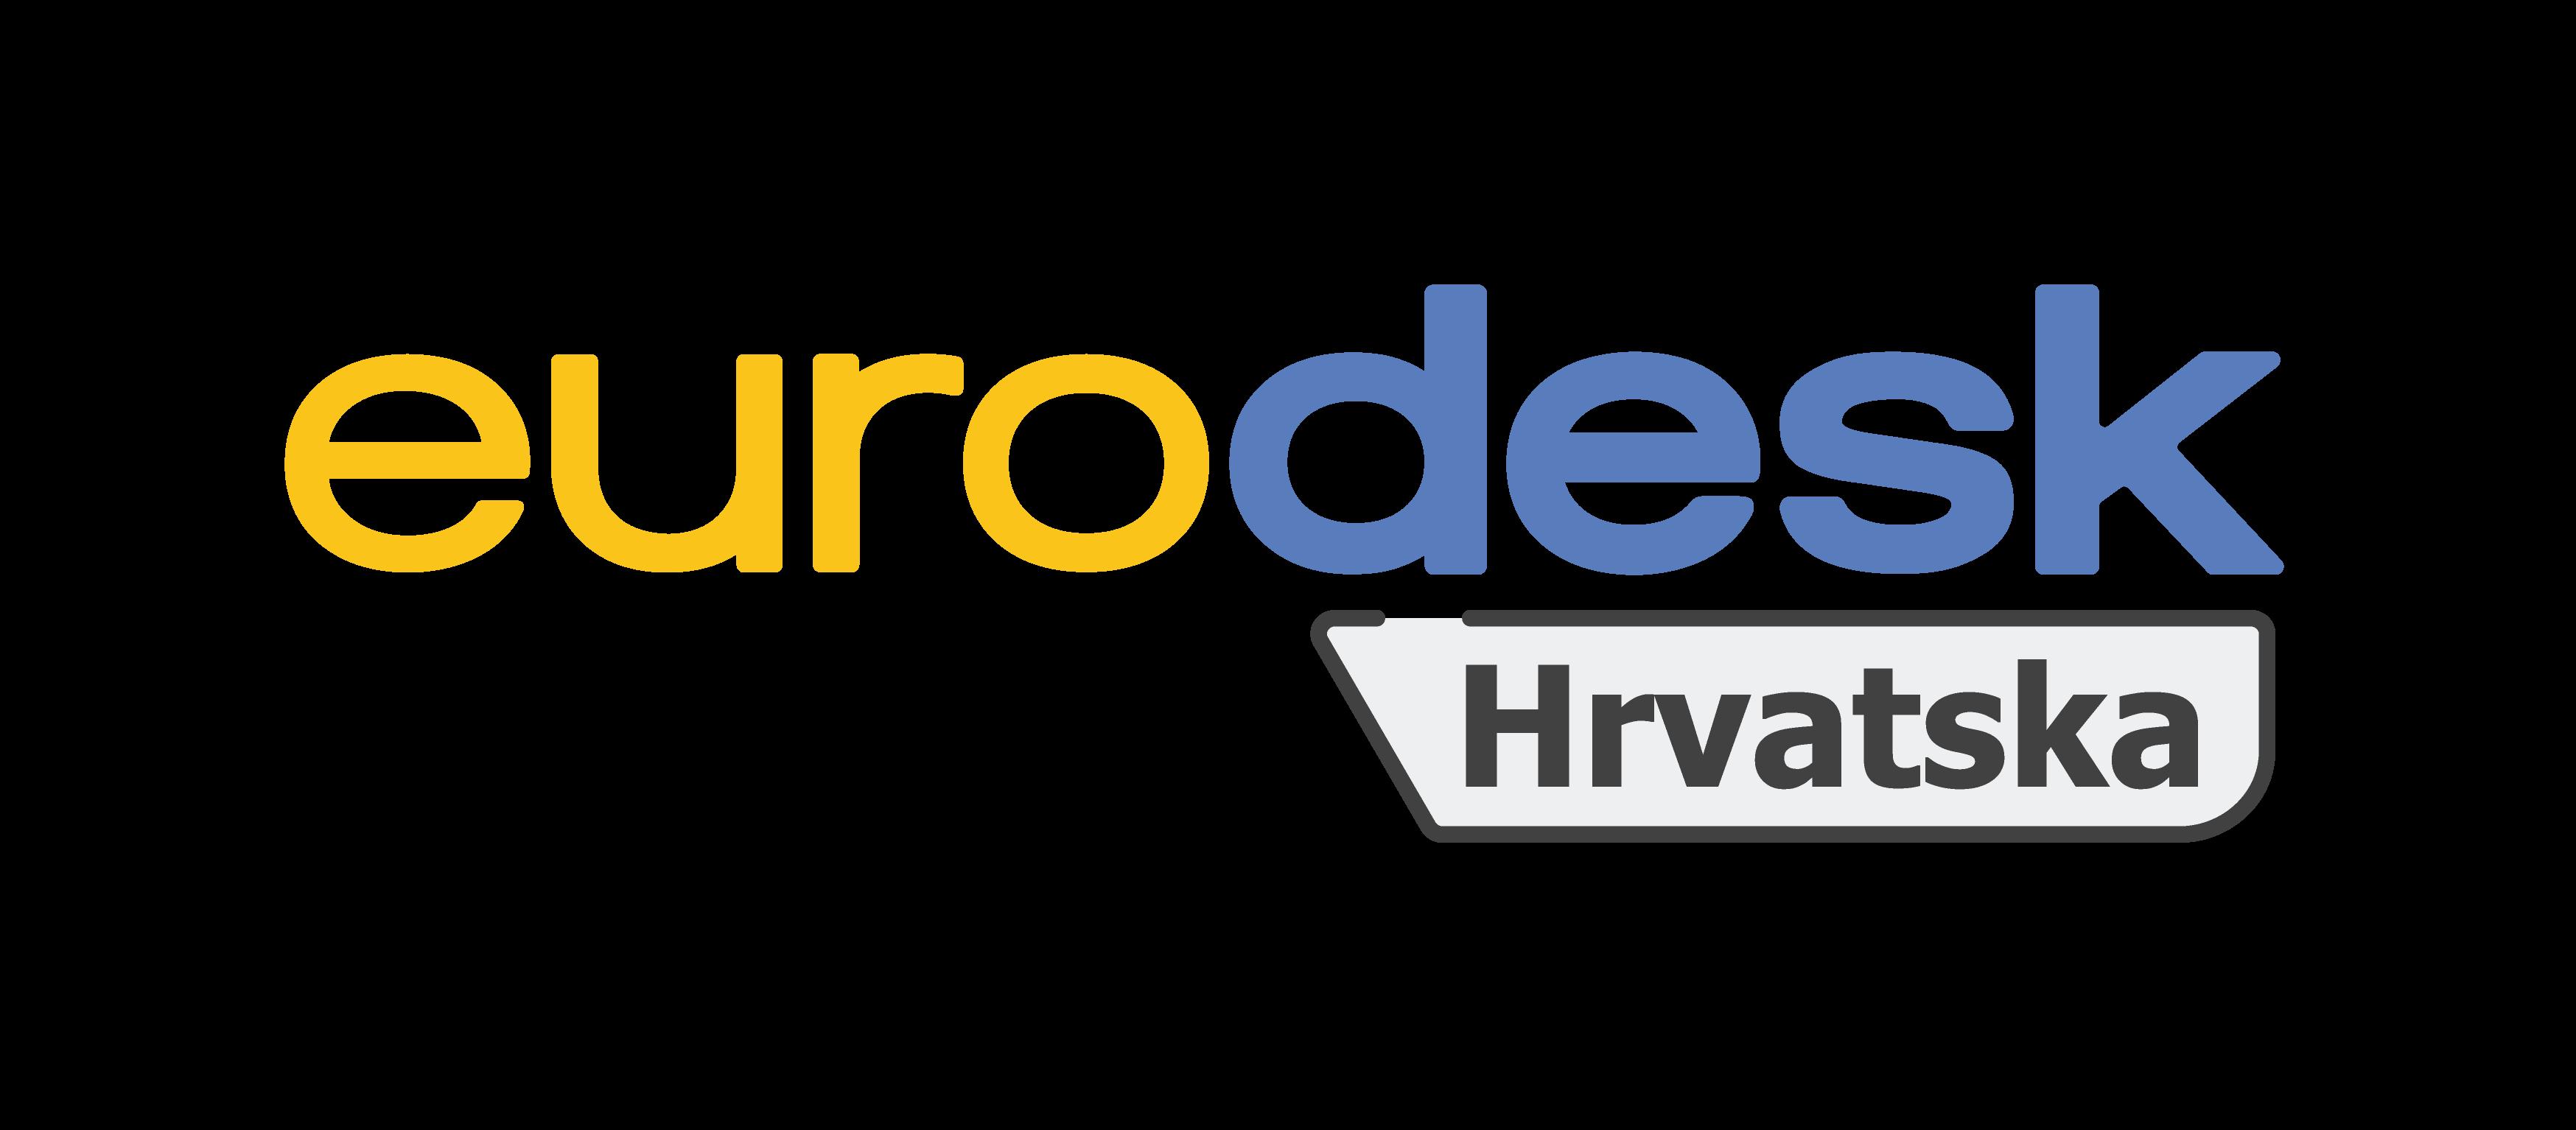 logotip hrvatske Eurodesk mreže